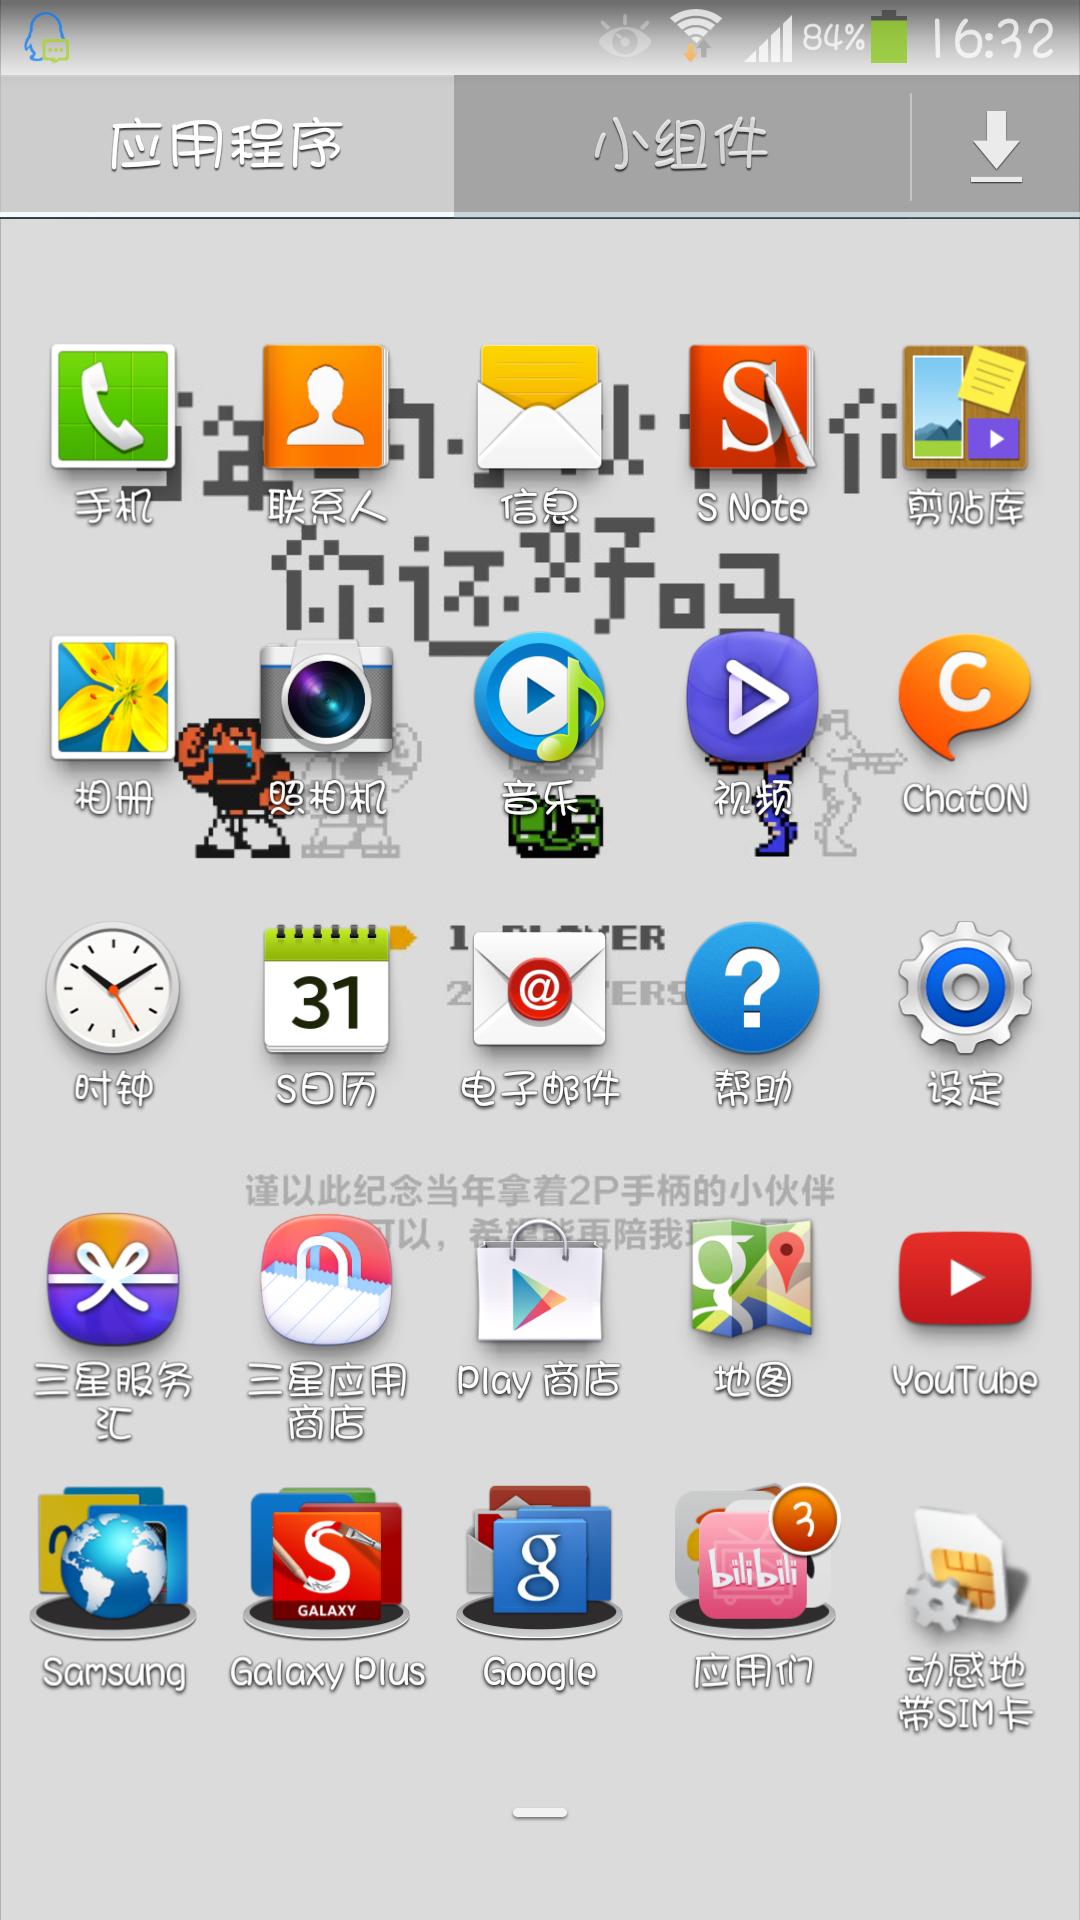 手机qq5.0 取消图标上的数字